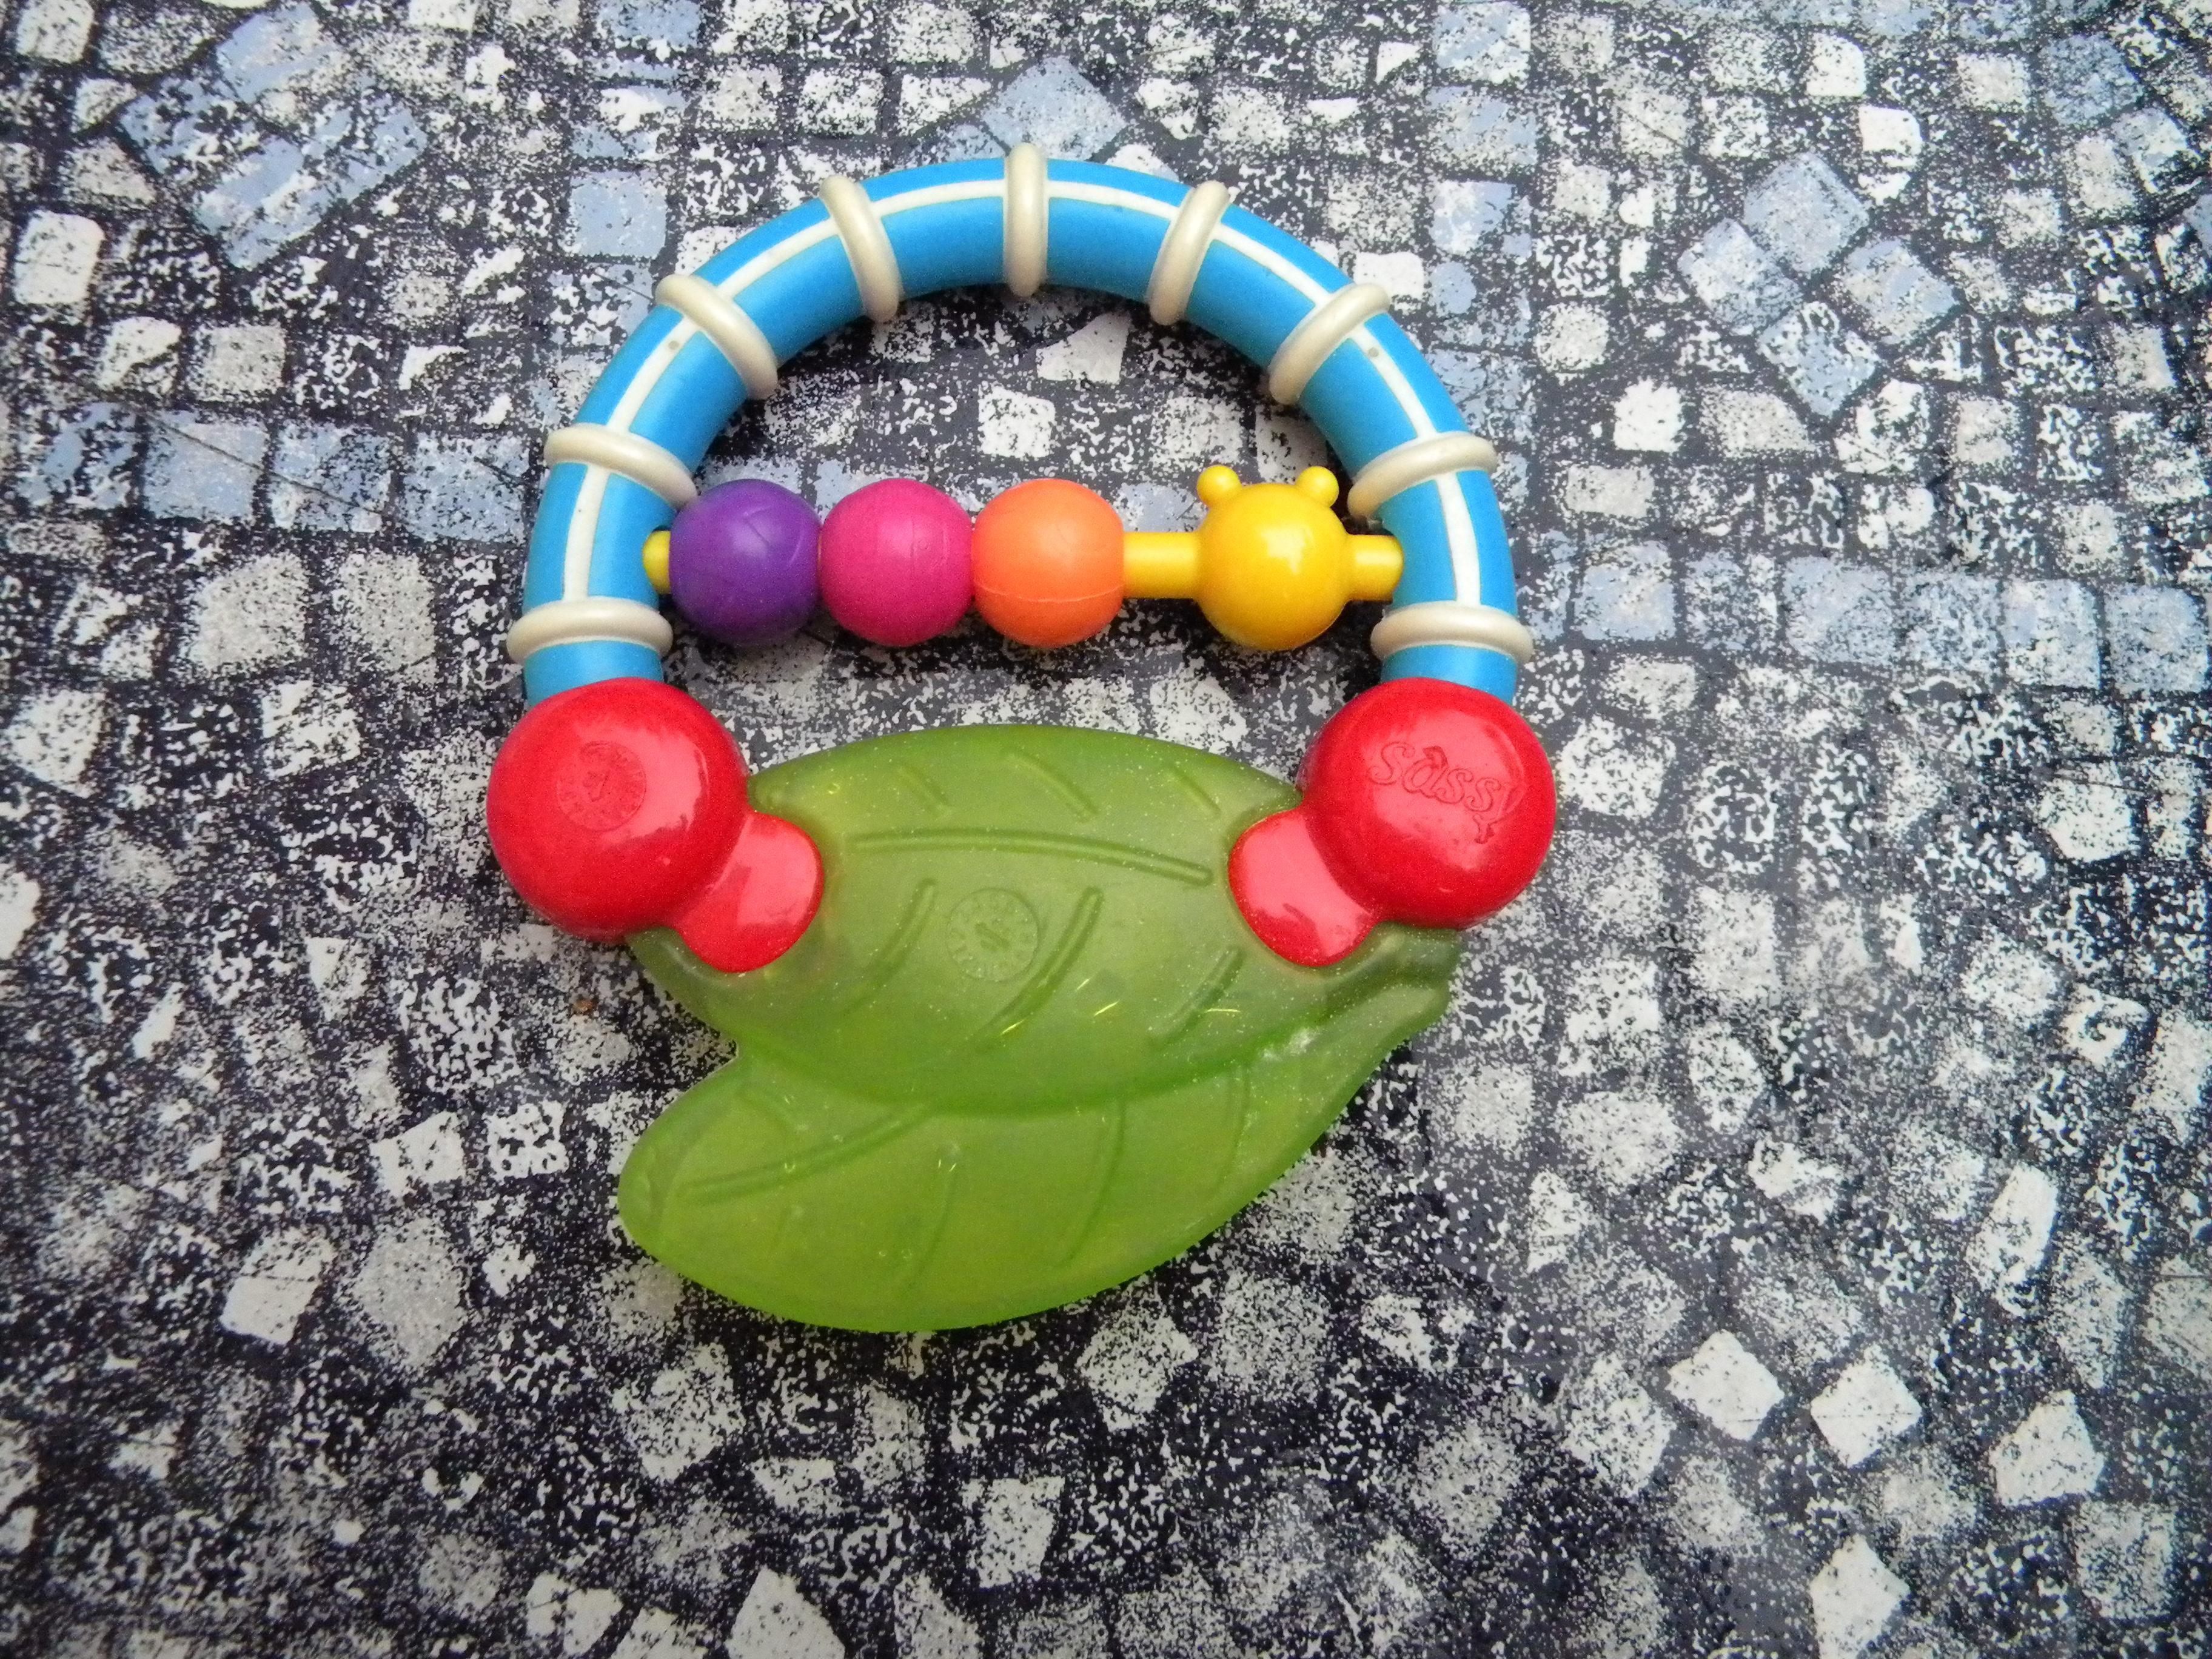 troc de troc anneau de dentition sassy image 1